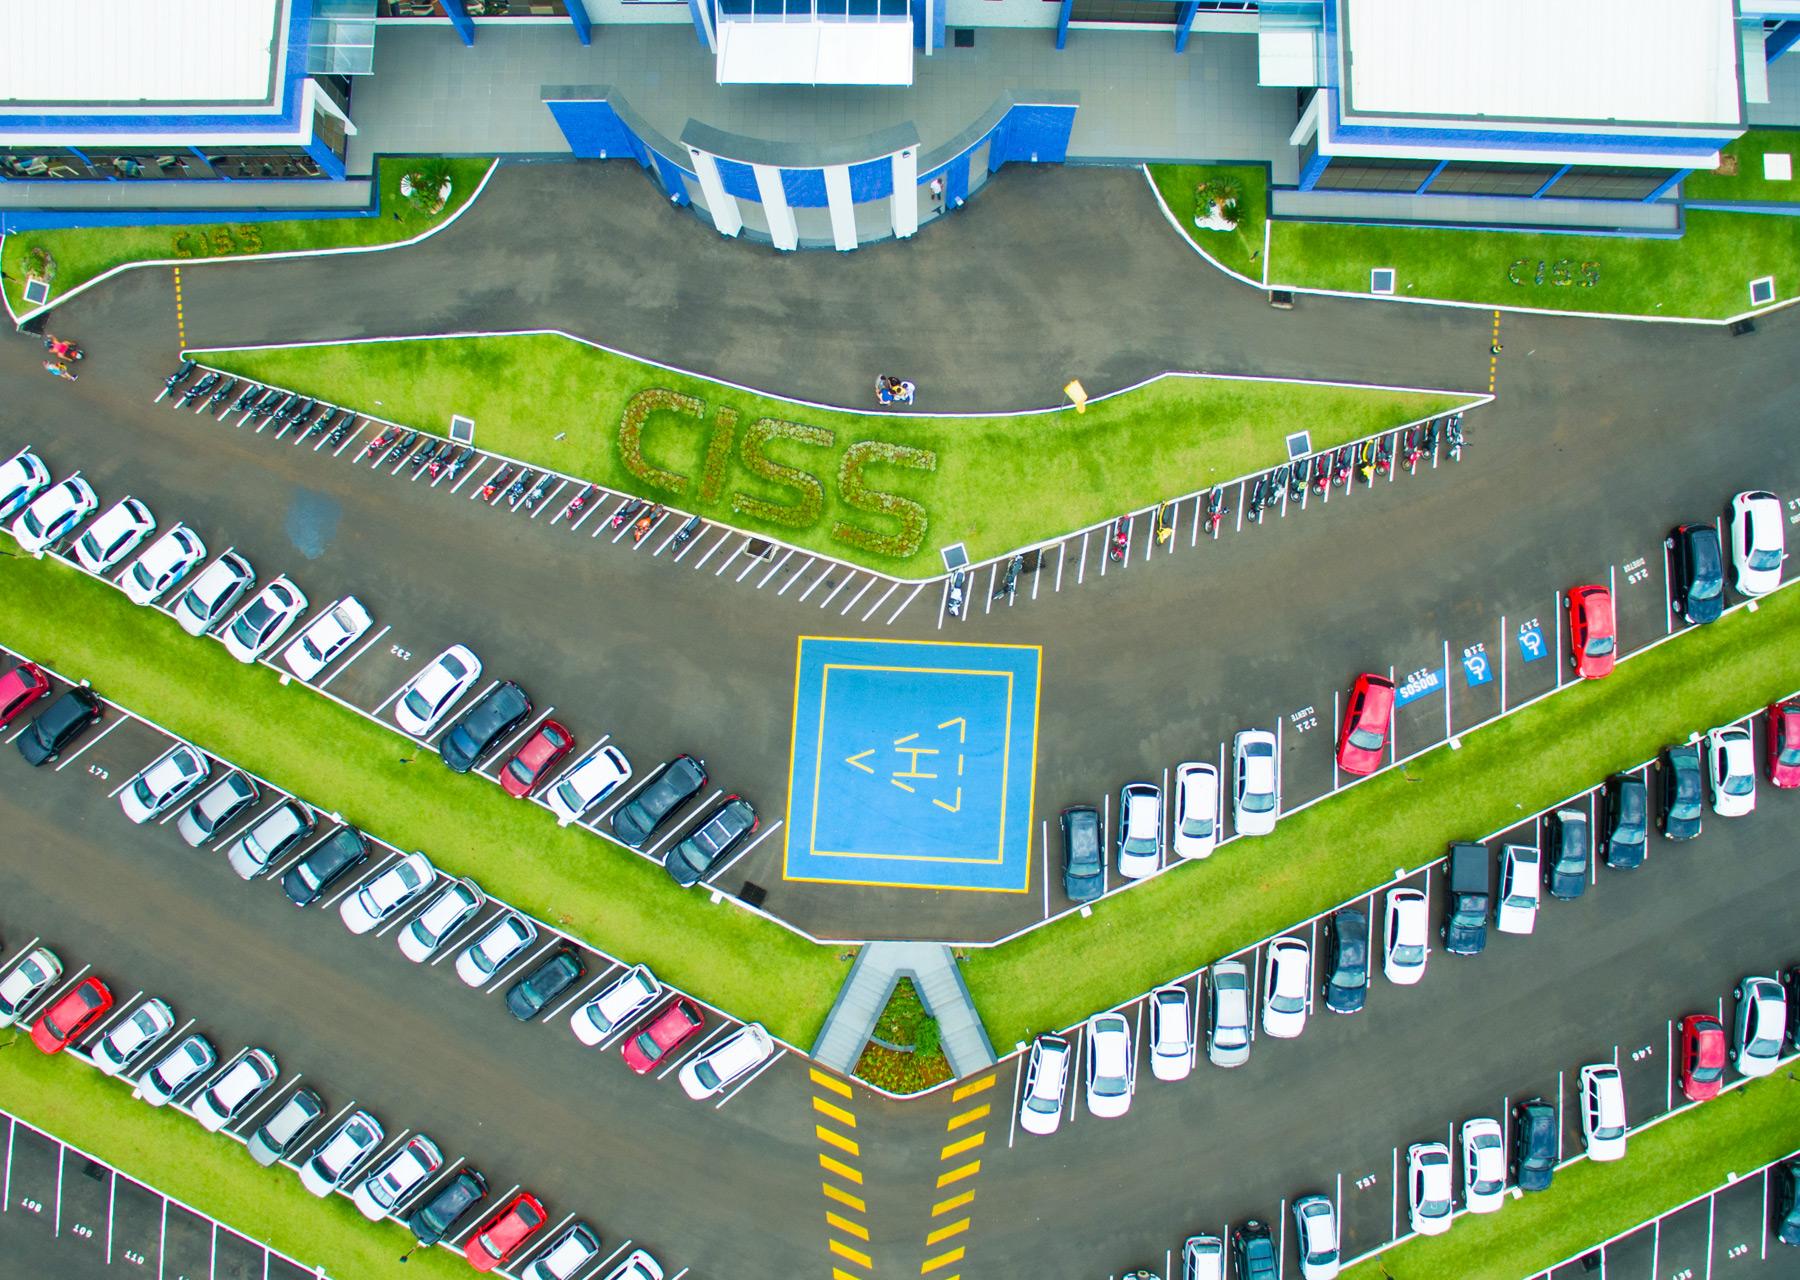 Foto aérea/imagem fly da sede da CSIS pegando o estacionamento